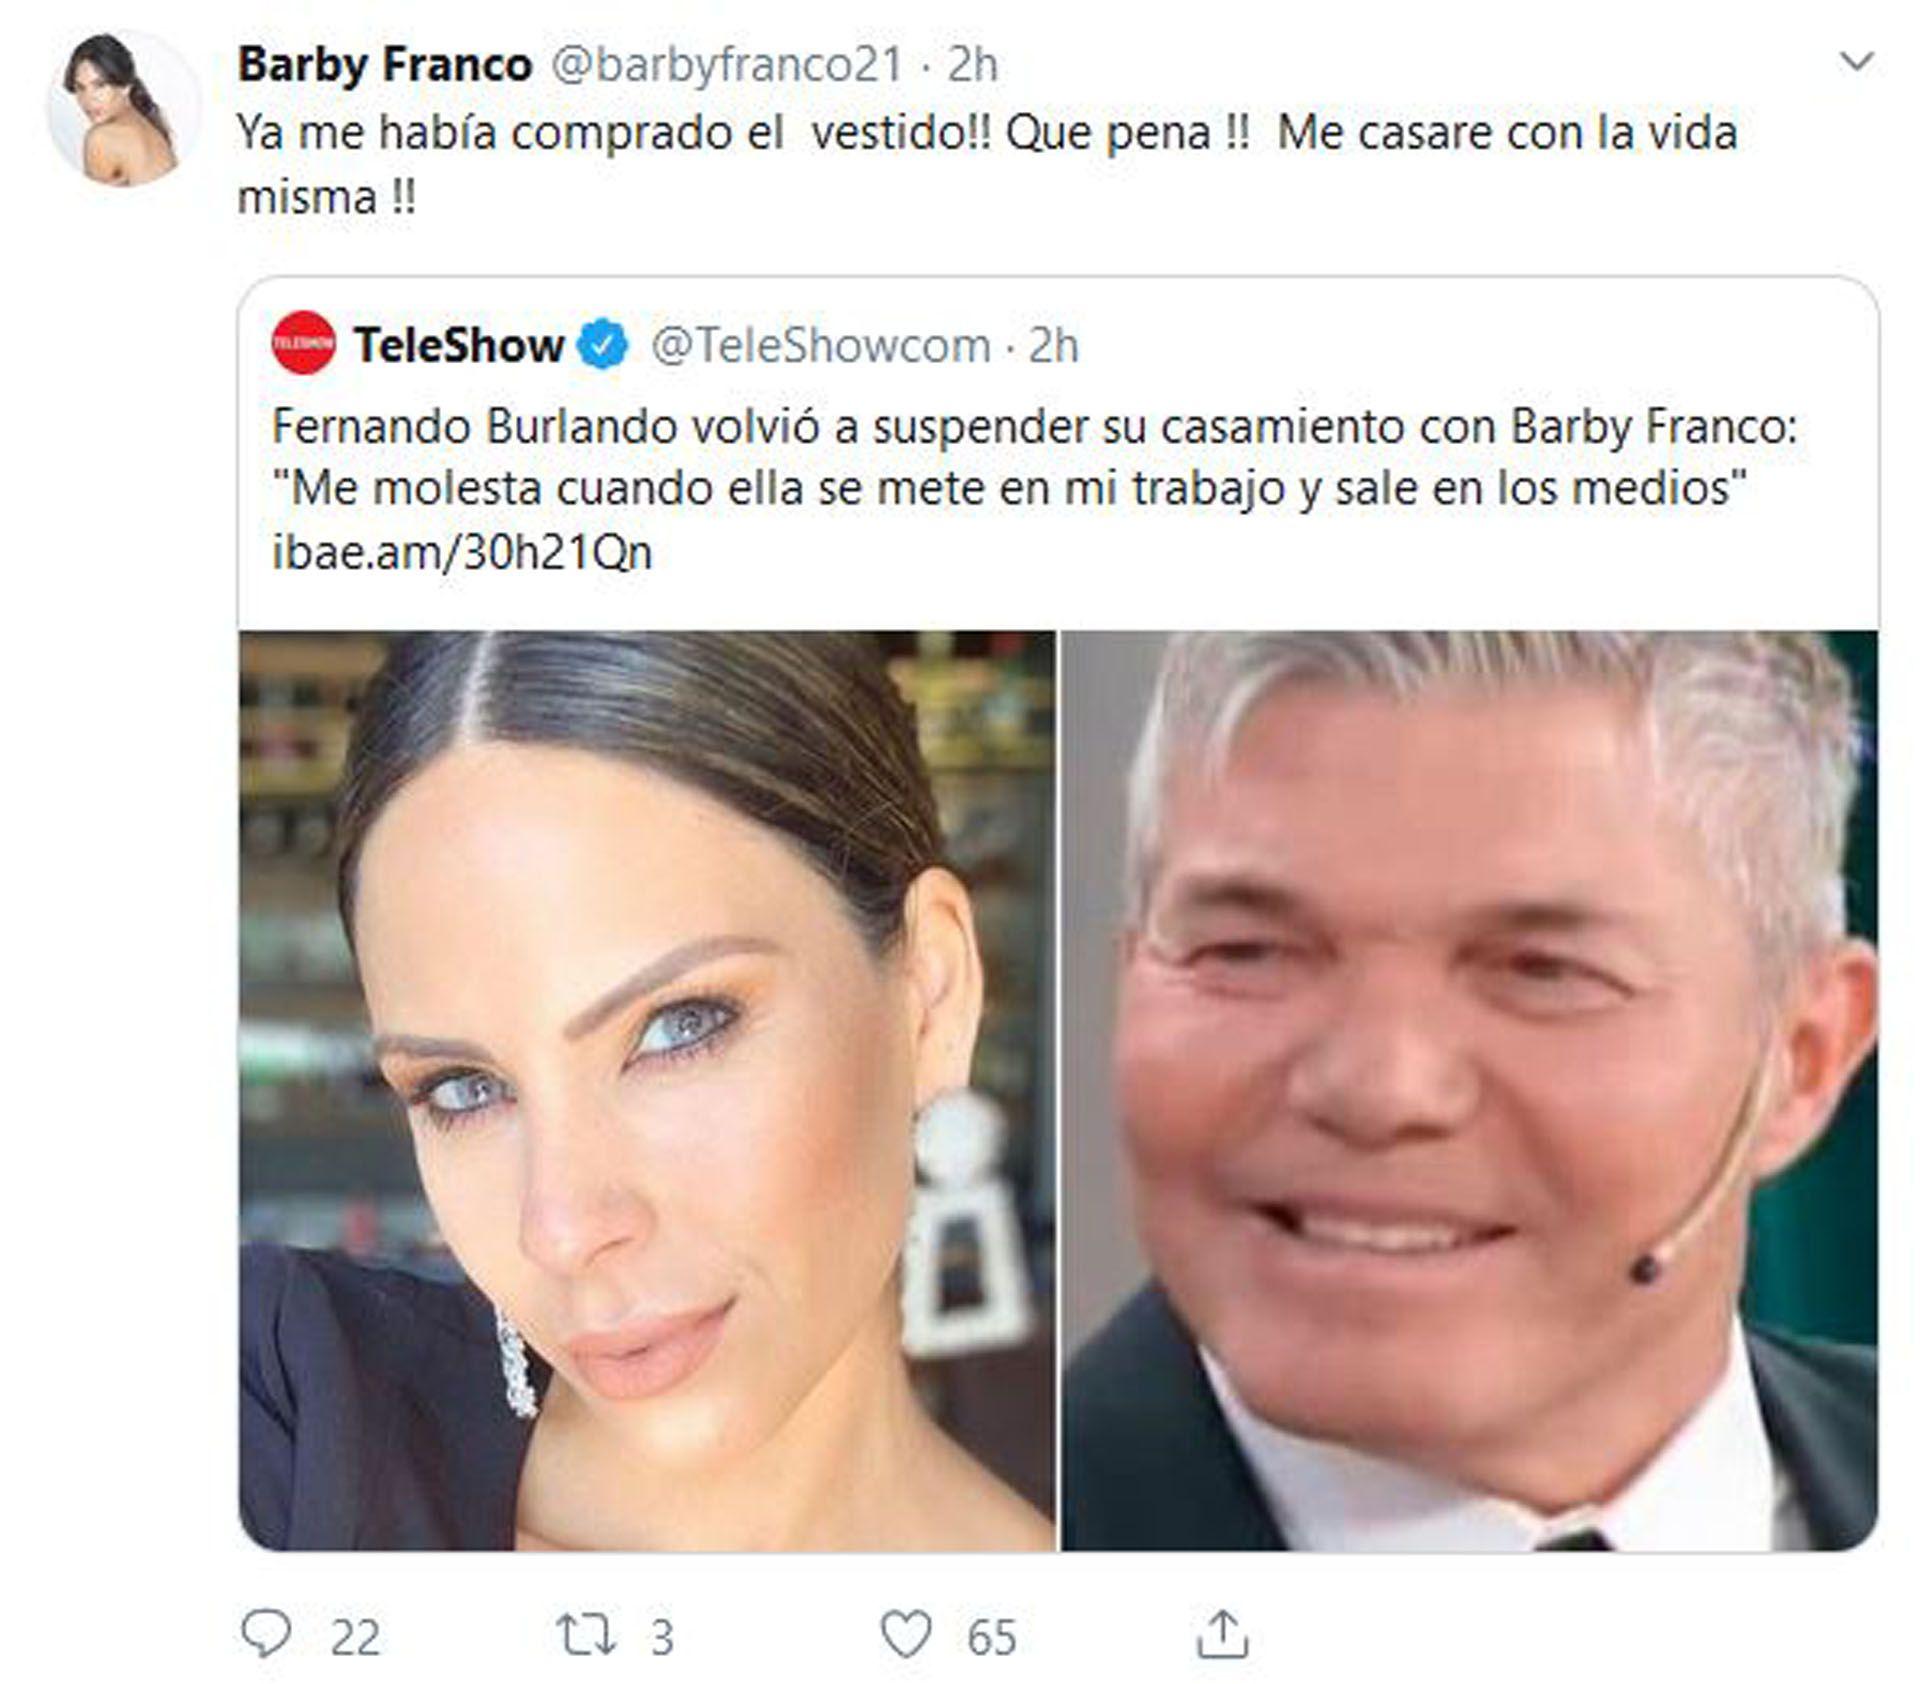 El mensaje de Barby Franco tras las declaraciones de Fernando Burlando (Foto: Twitter)